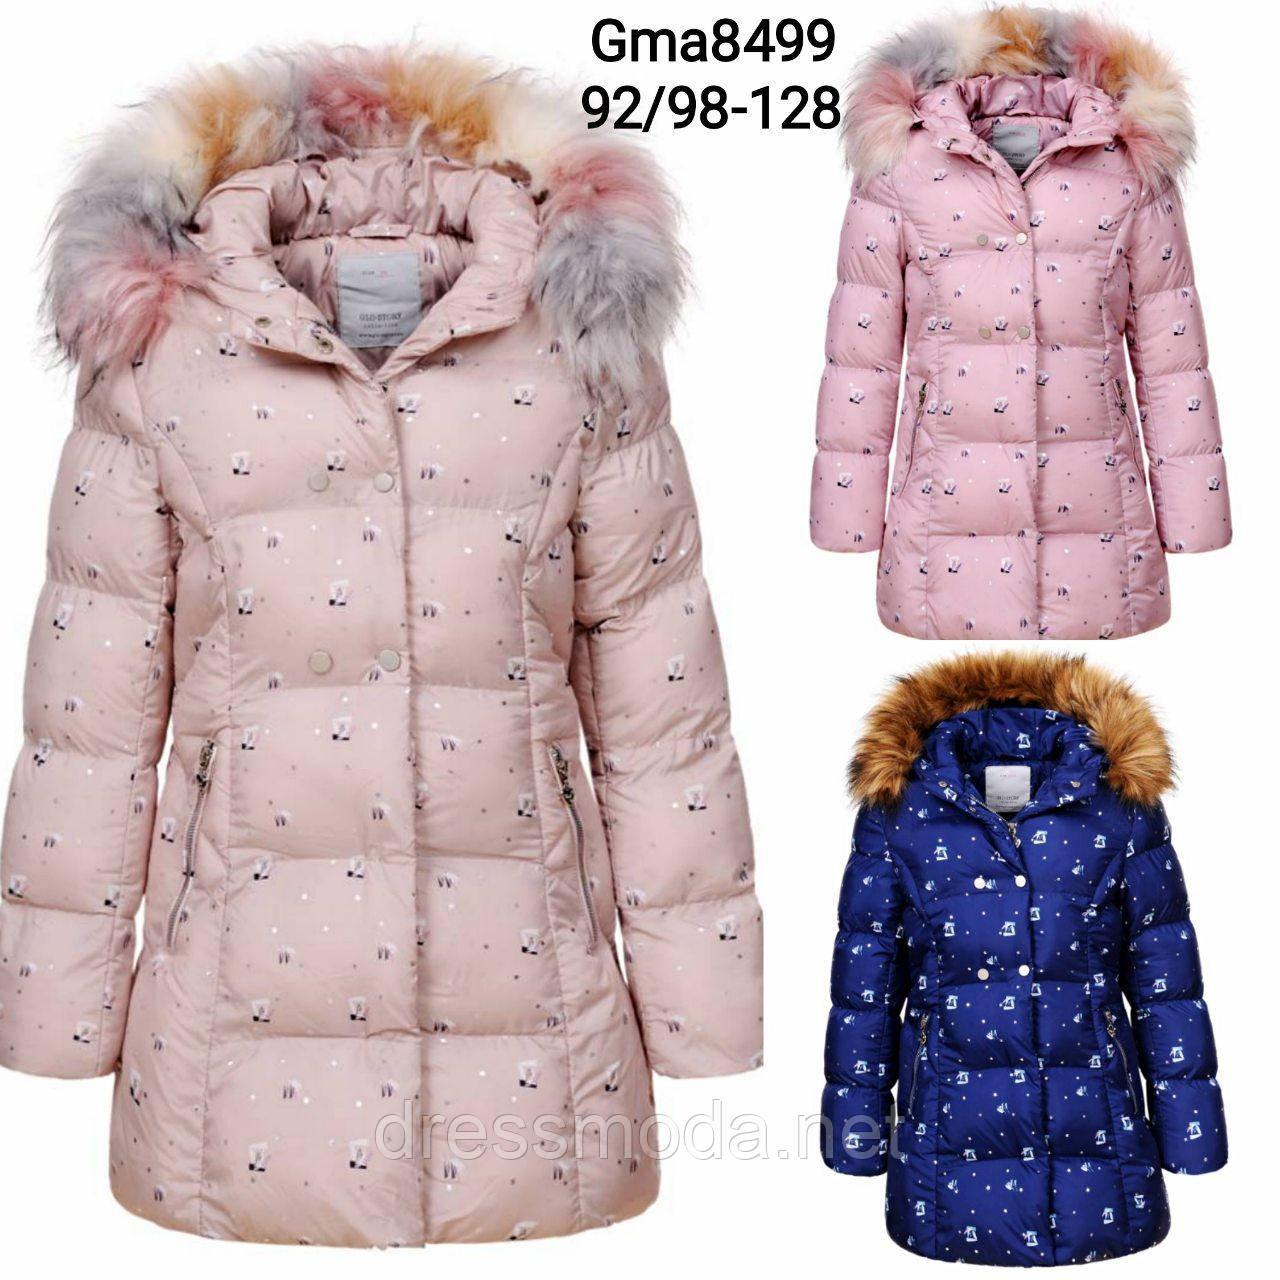 Зимние пальто на меху для девочек Glo-story 92/98-128 p.p.